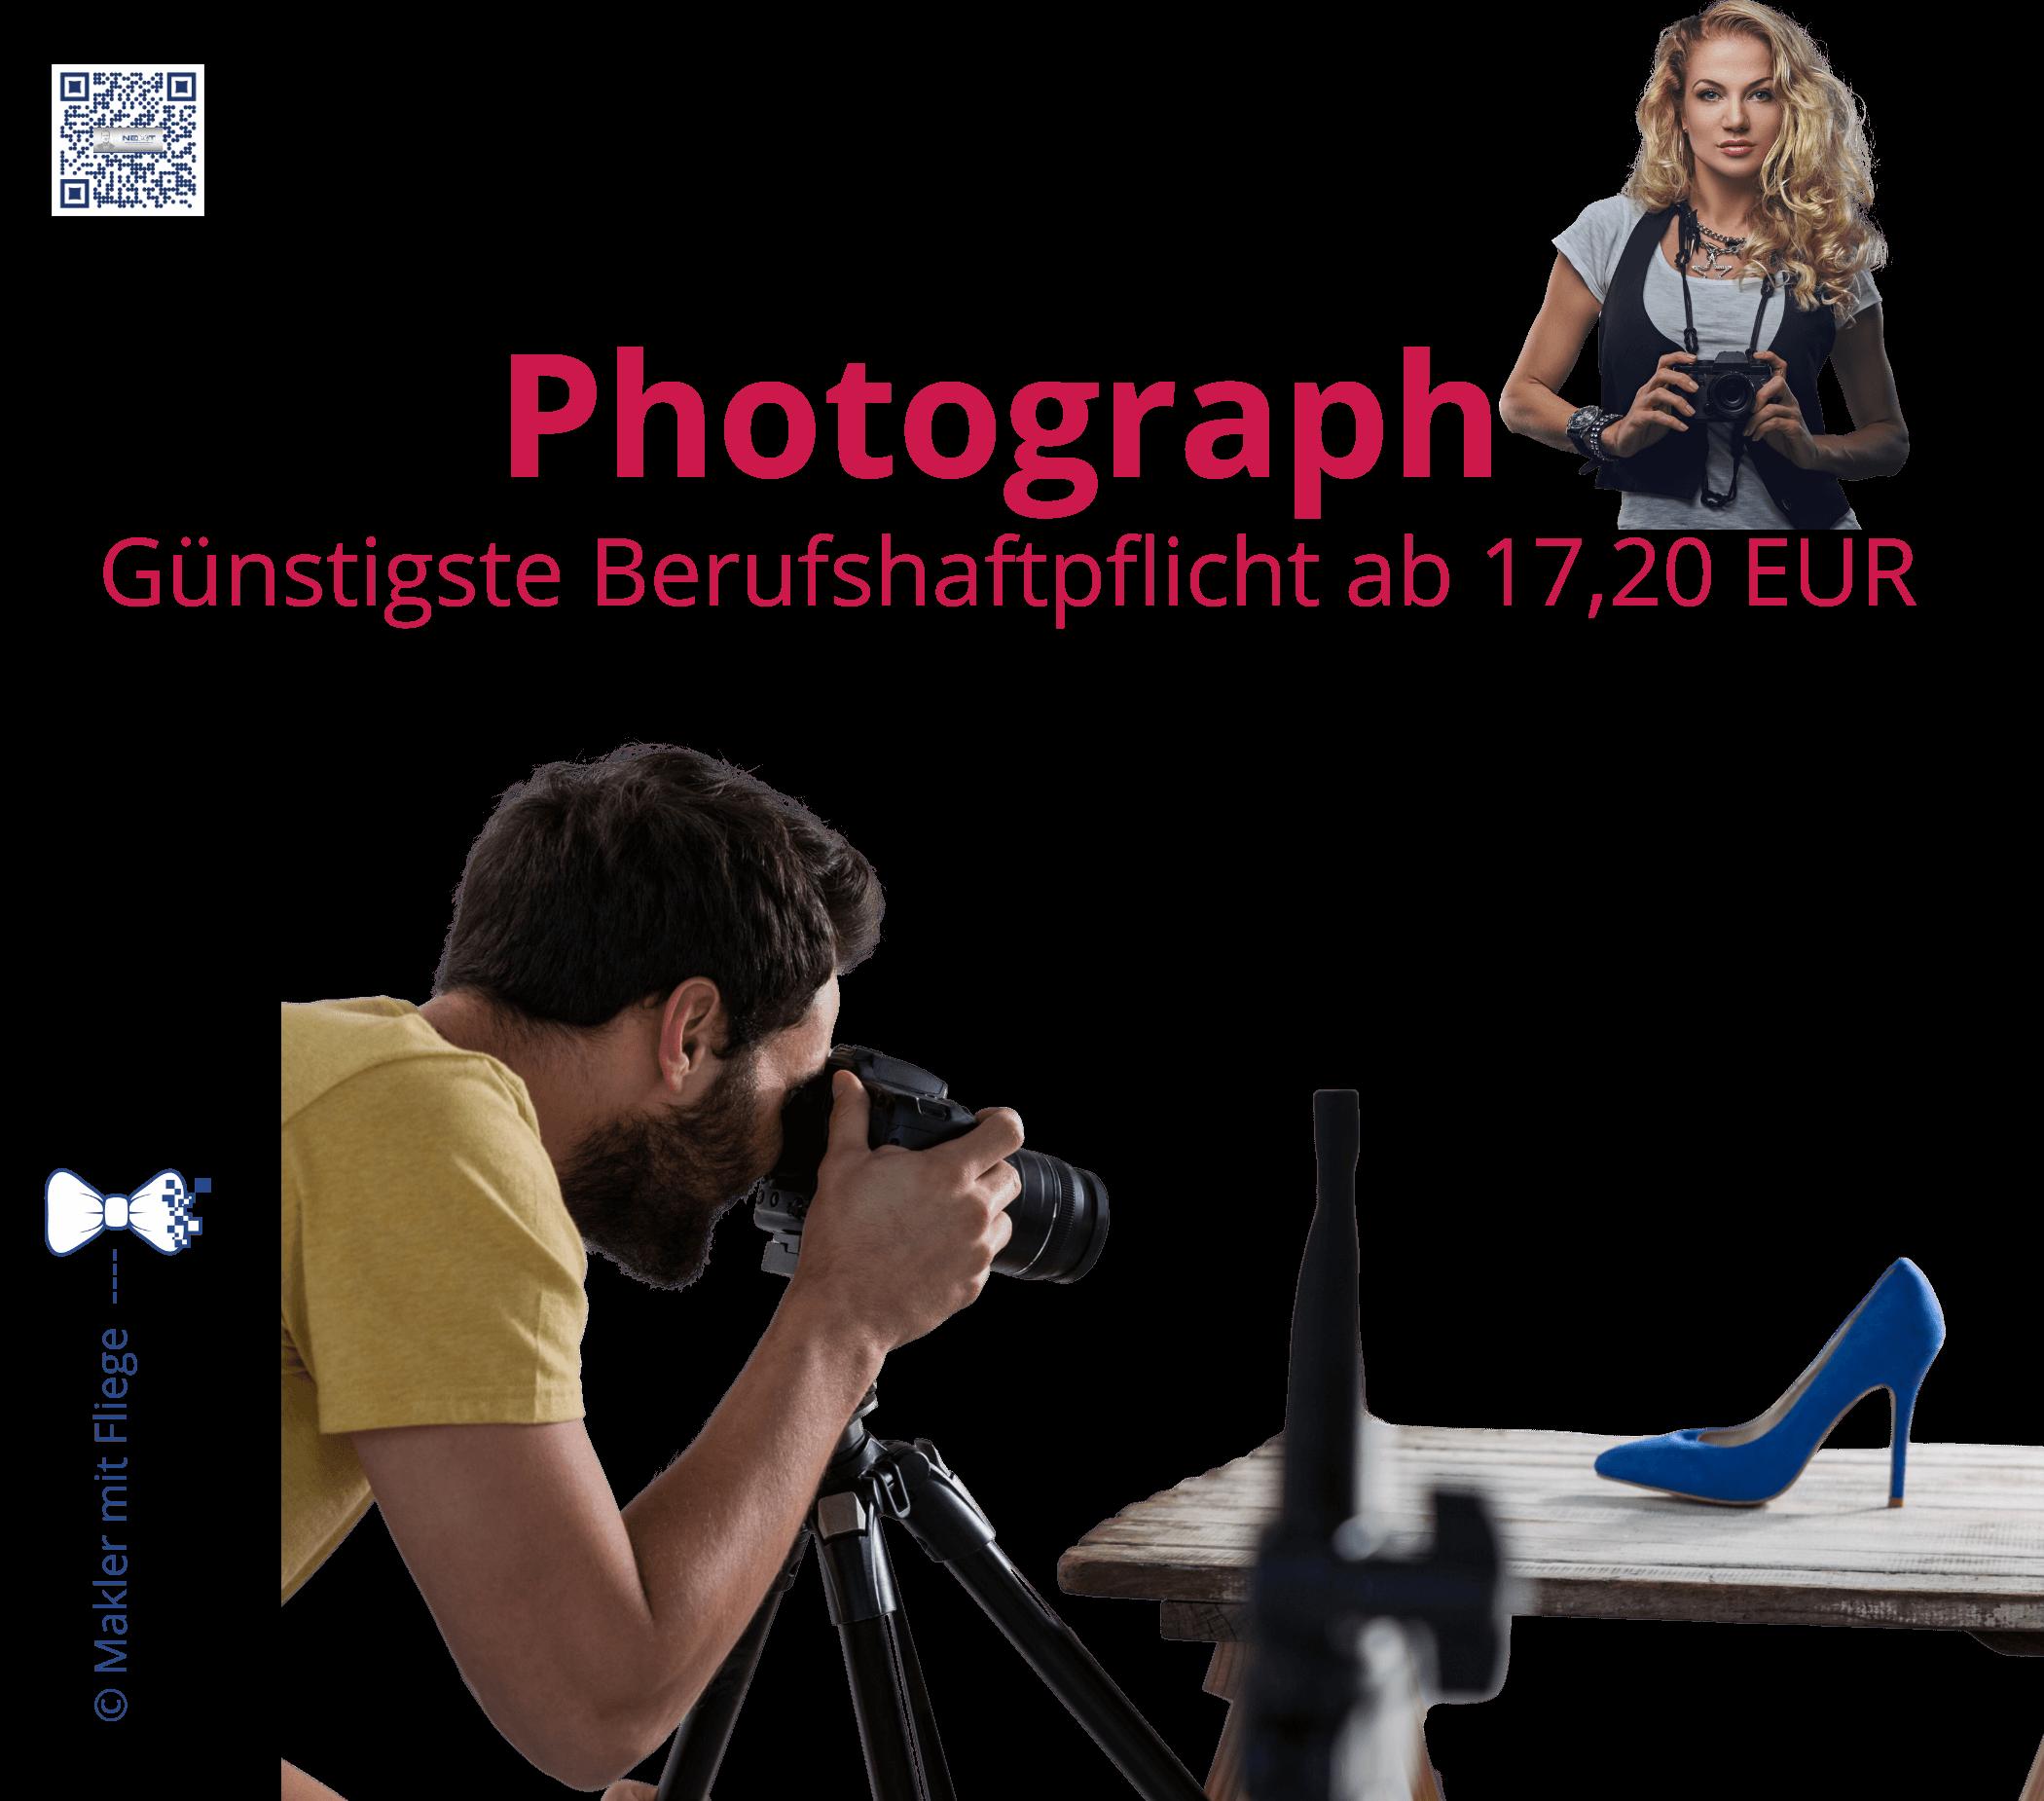 Kamera, Fotos, Videos, Schnitt, Ton... sichern Sie Ihren kreativen Beruf ab, um sich bei Kleinigkeiten nicht unnötig zu belasten